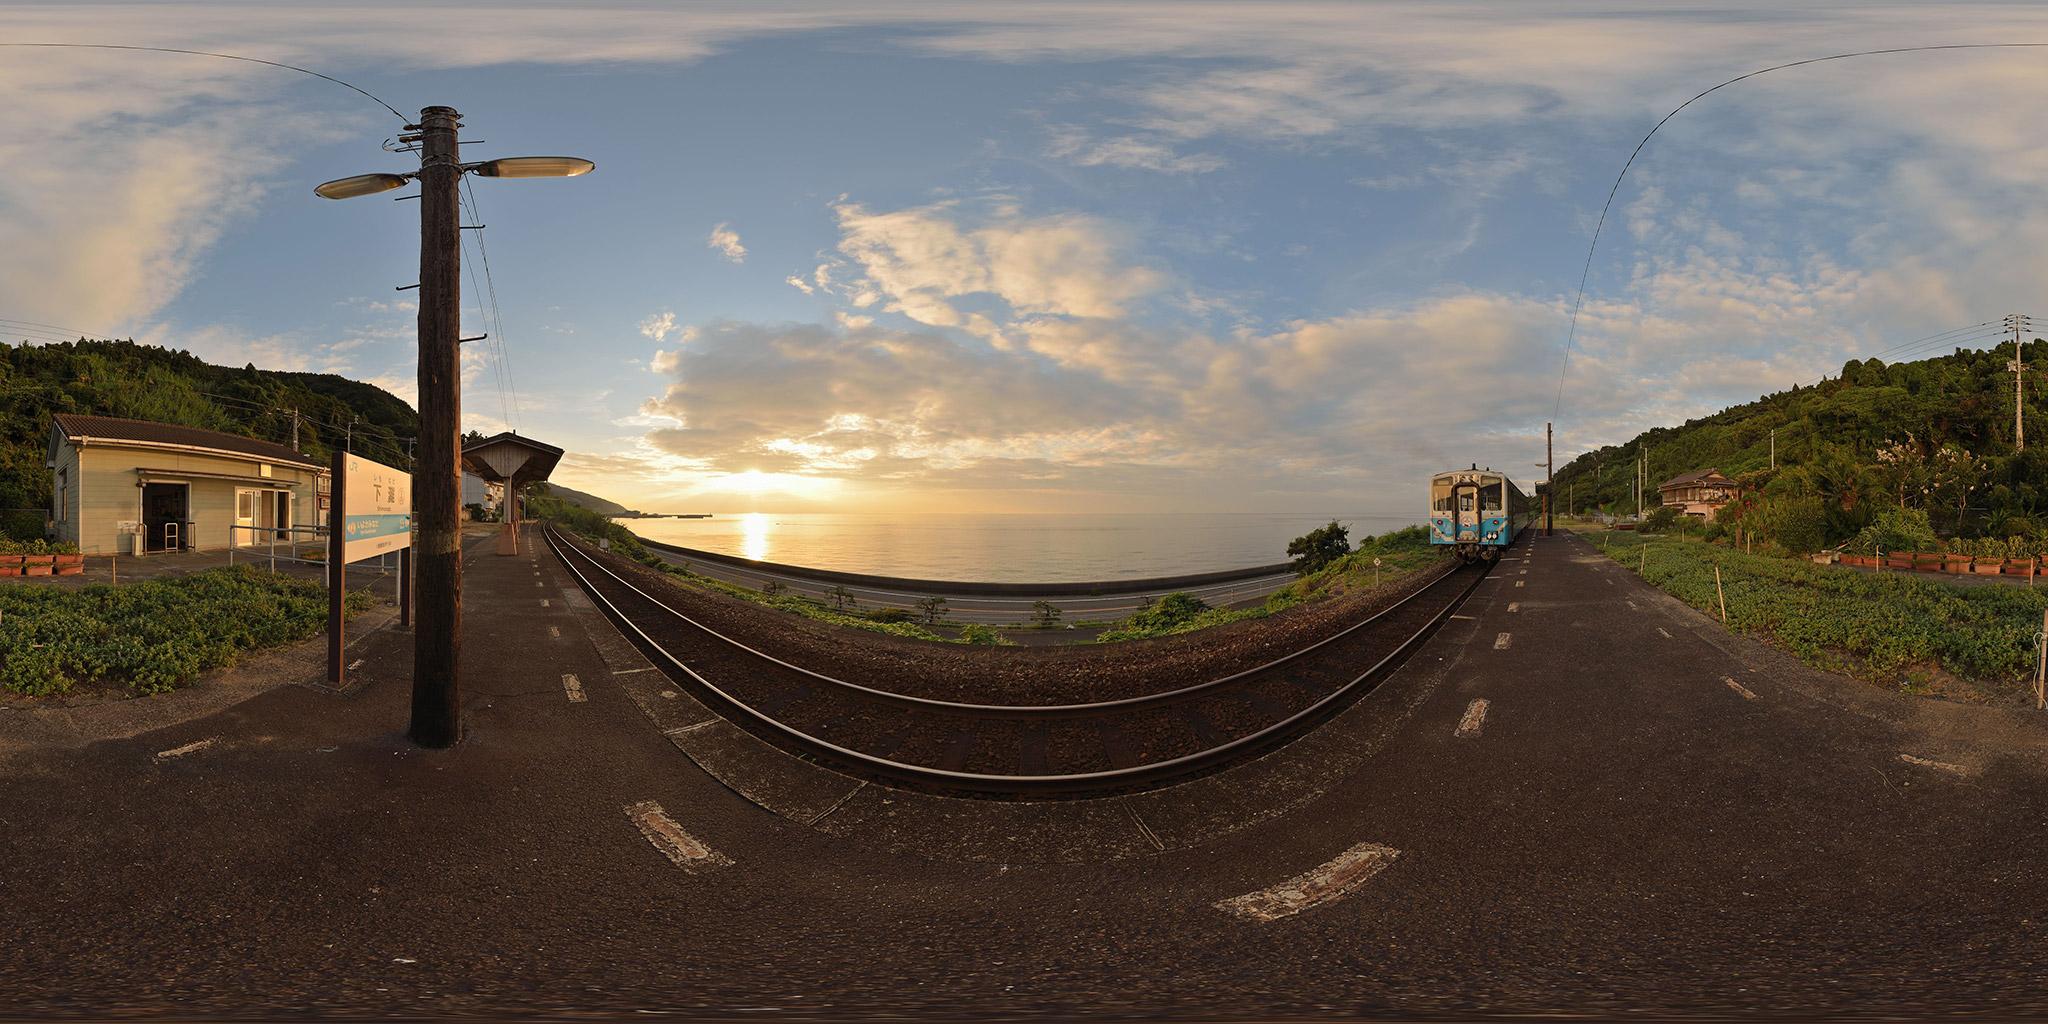 下灘駅と伊予灘に輝く夕日